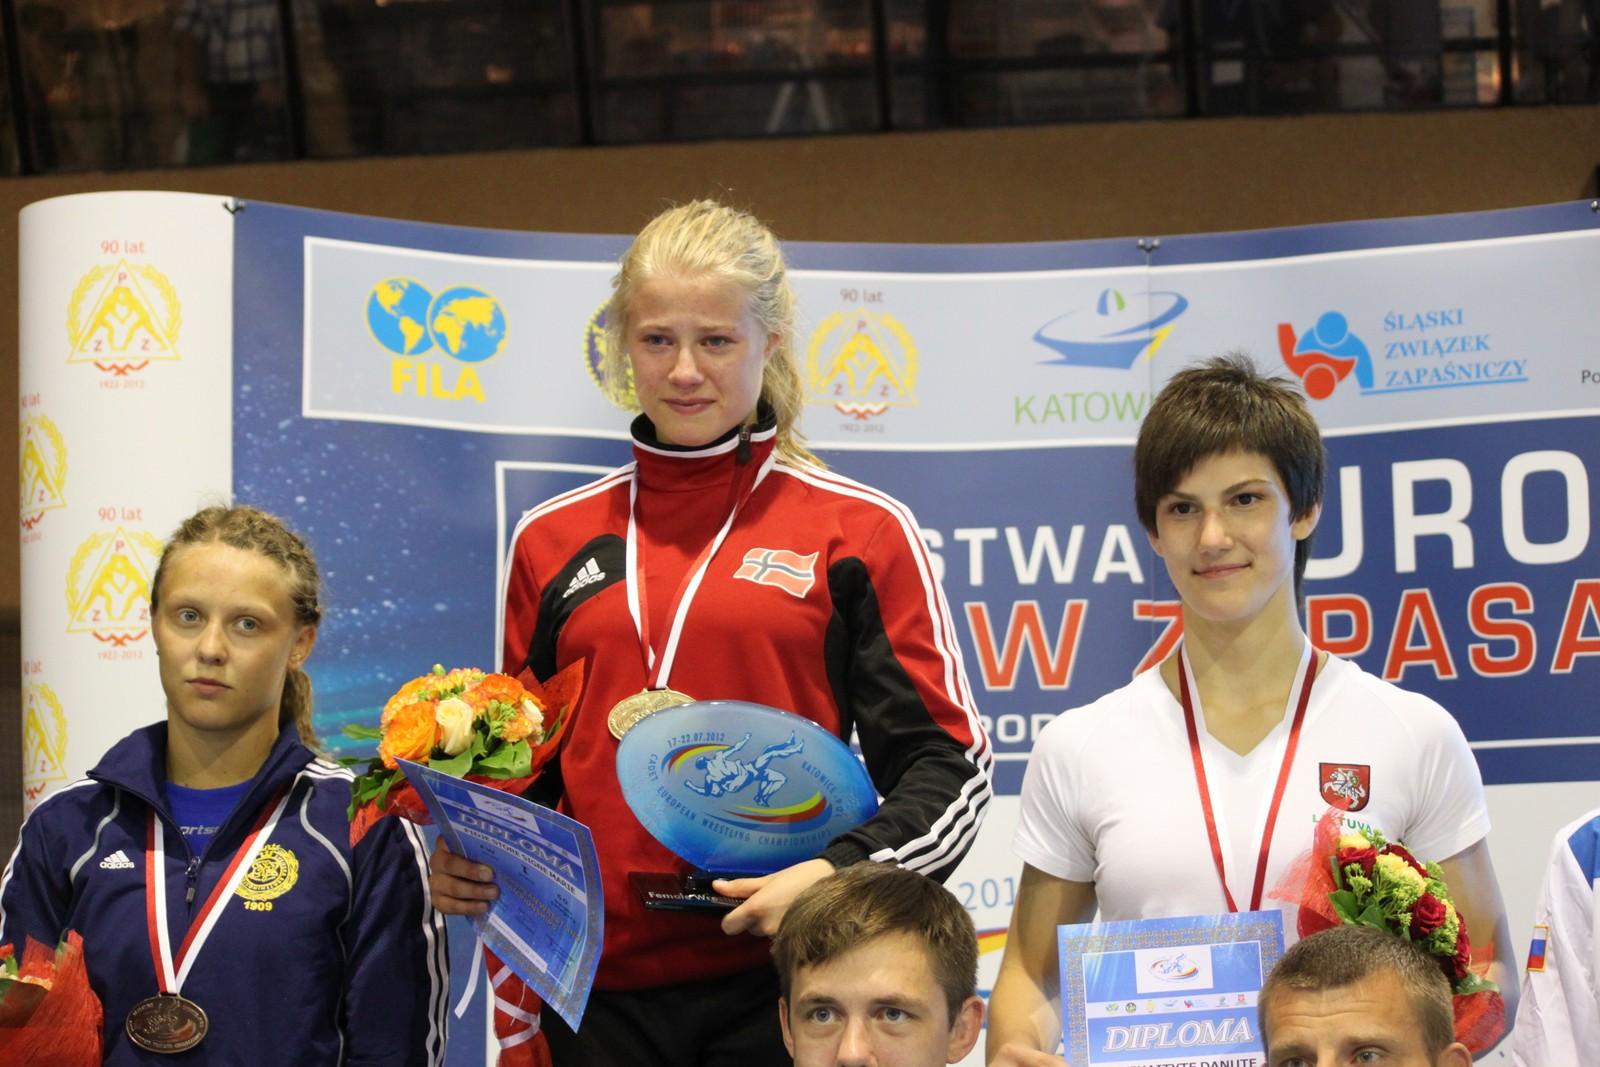 Under medaljeutdelingen i bryte-EM for ungdom, cadet-klassen, i Polen 2012.